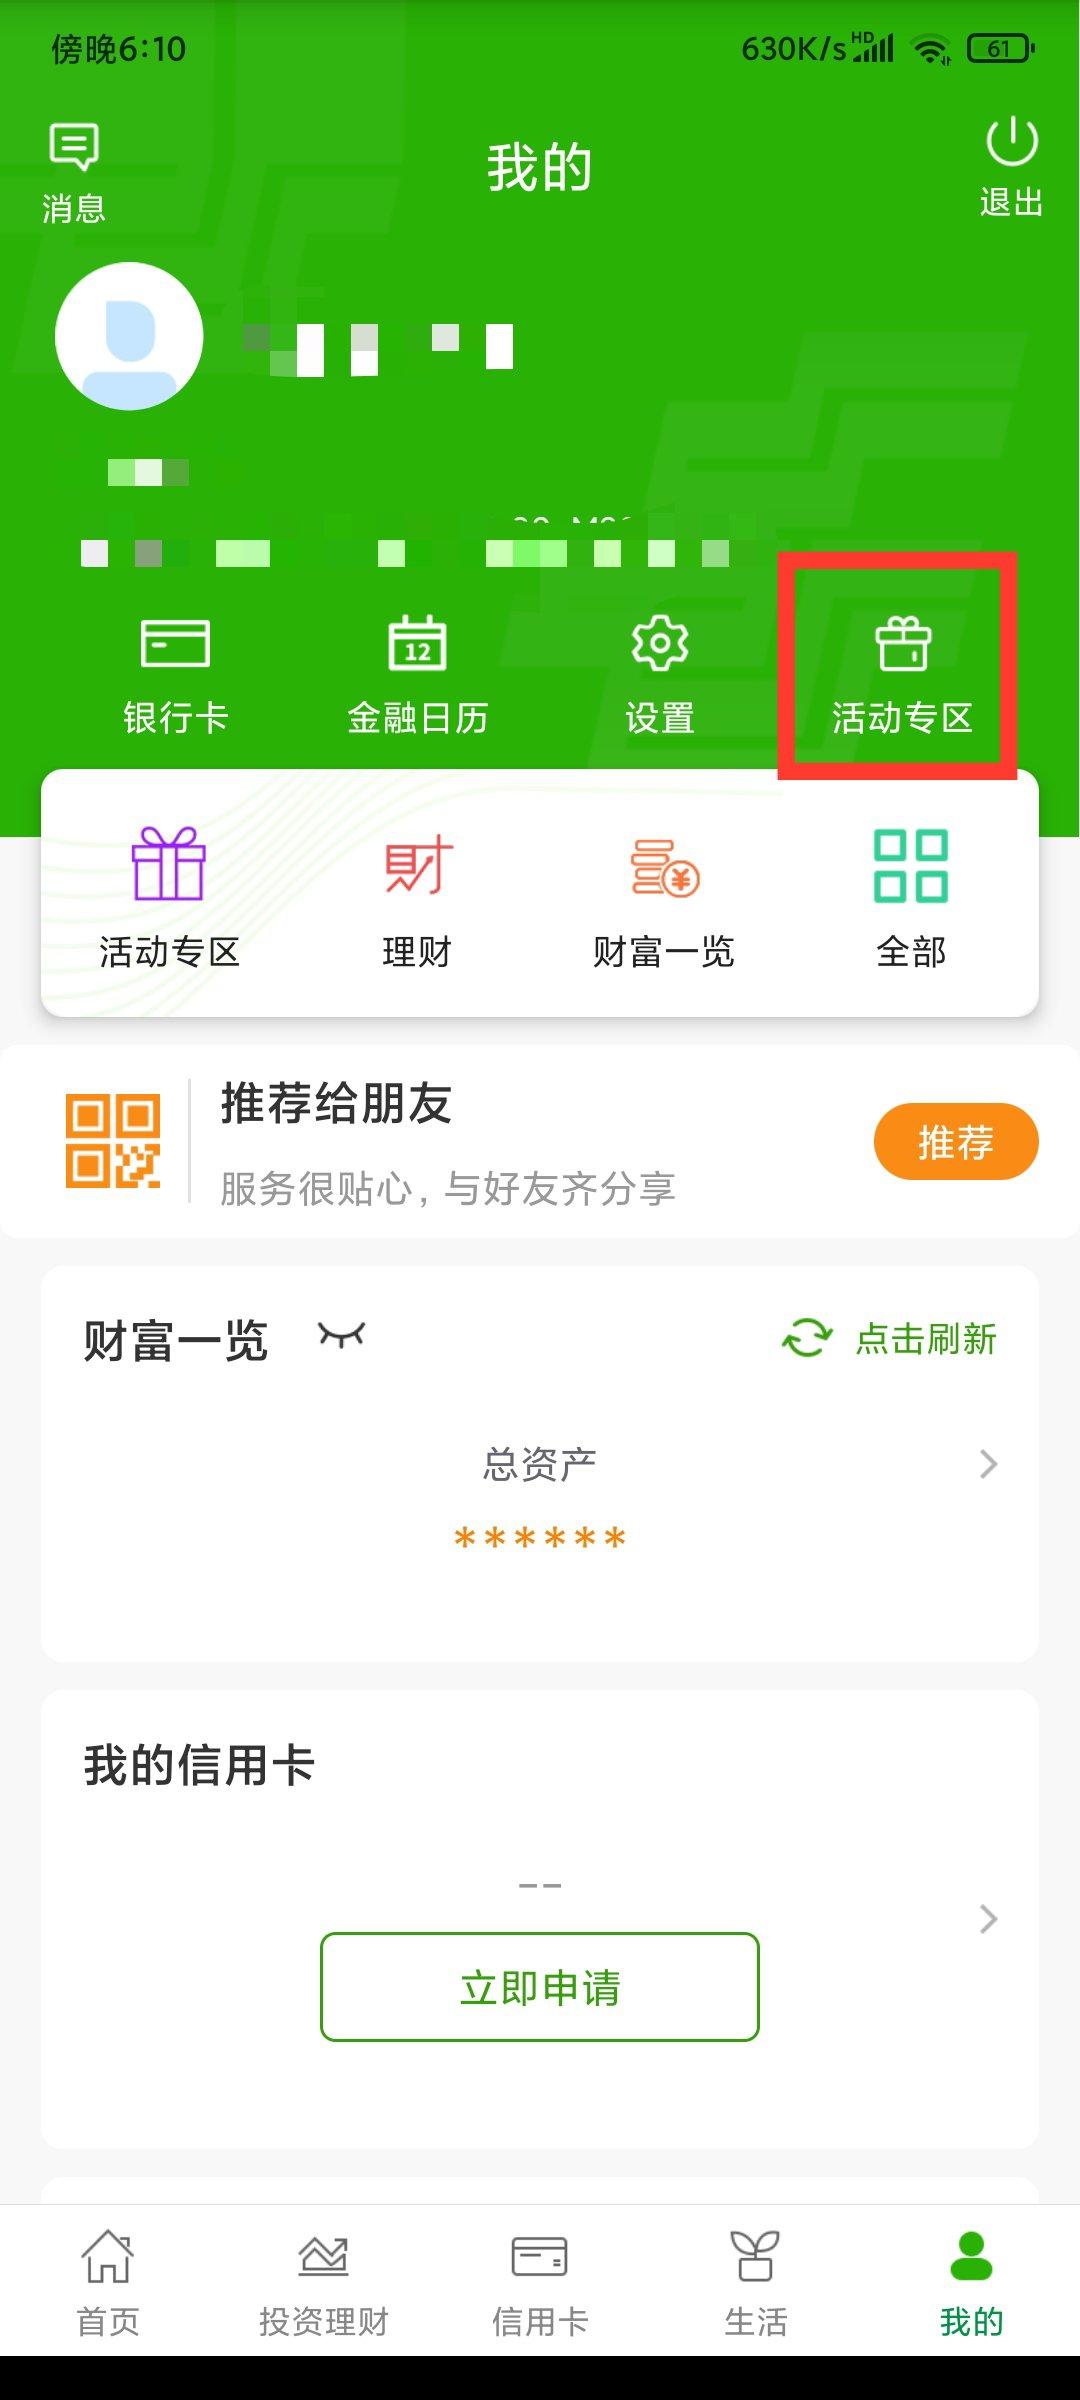 邮政银行app新一期打卡抽京东E卡插图